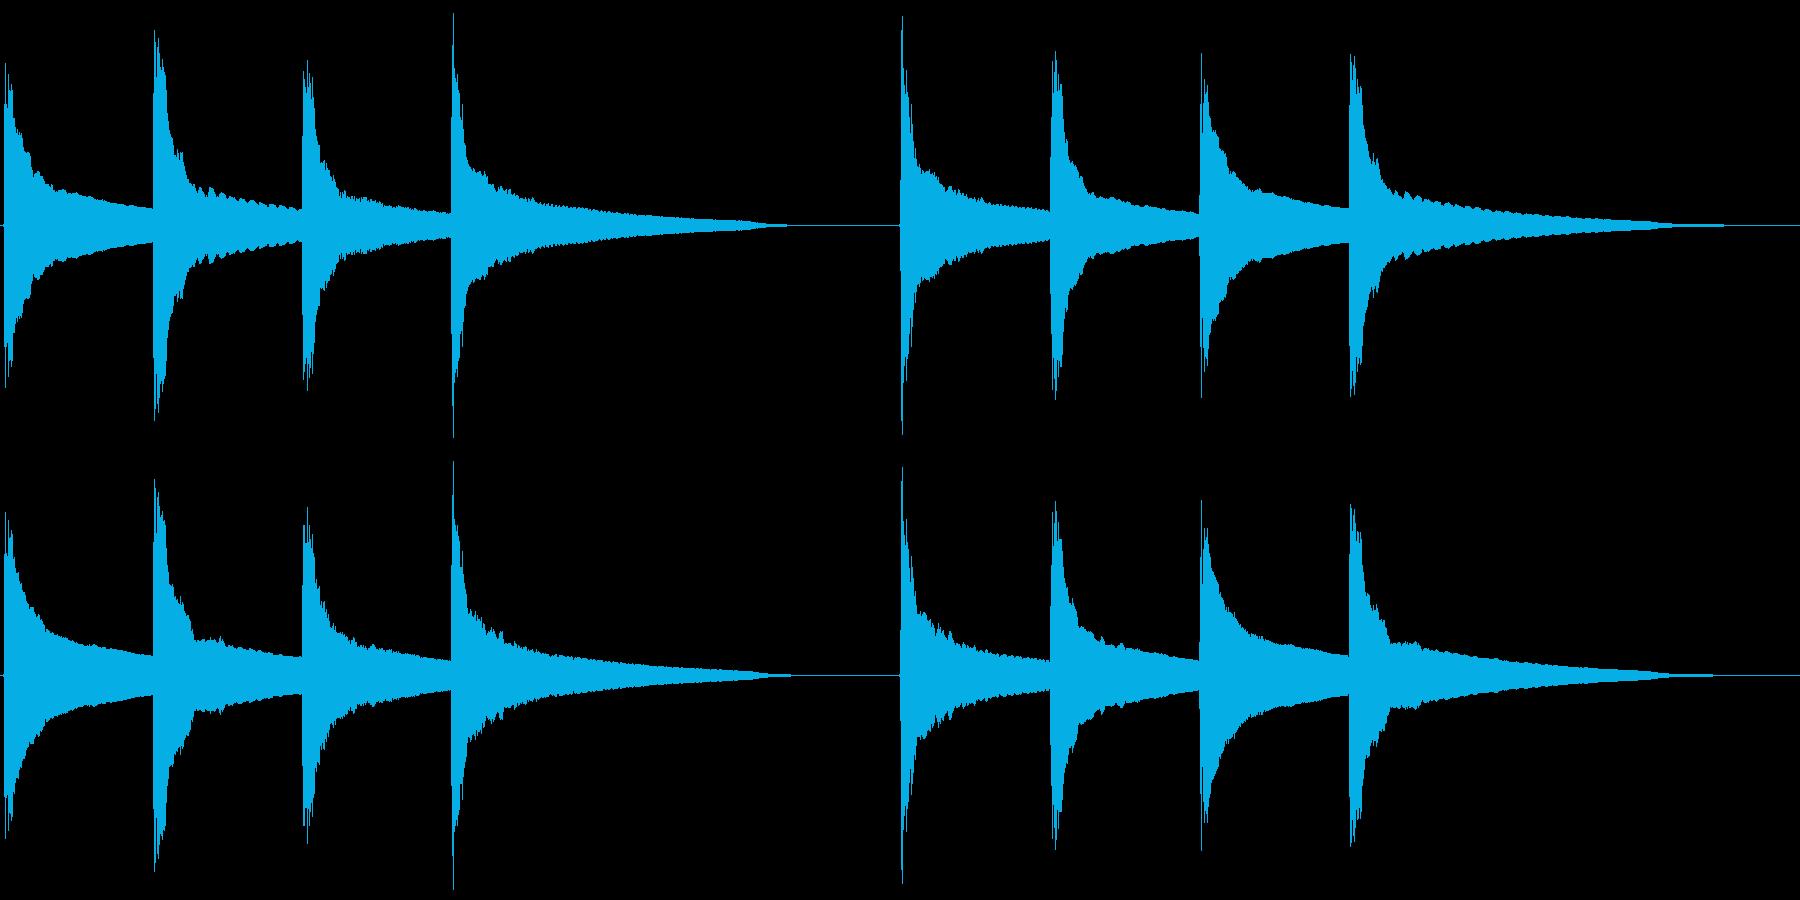 ピンポンパンポン (2) の再生済みの波形